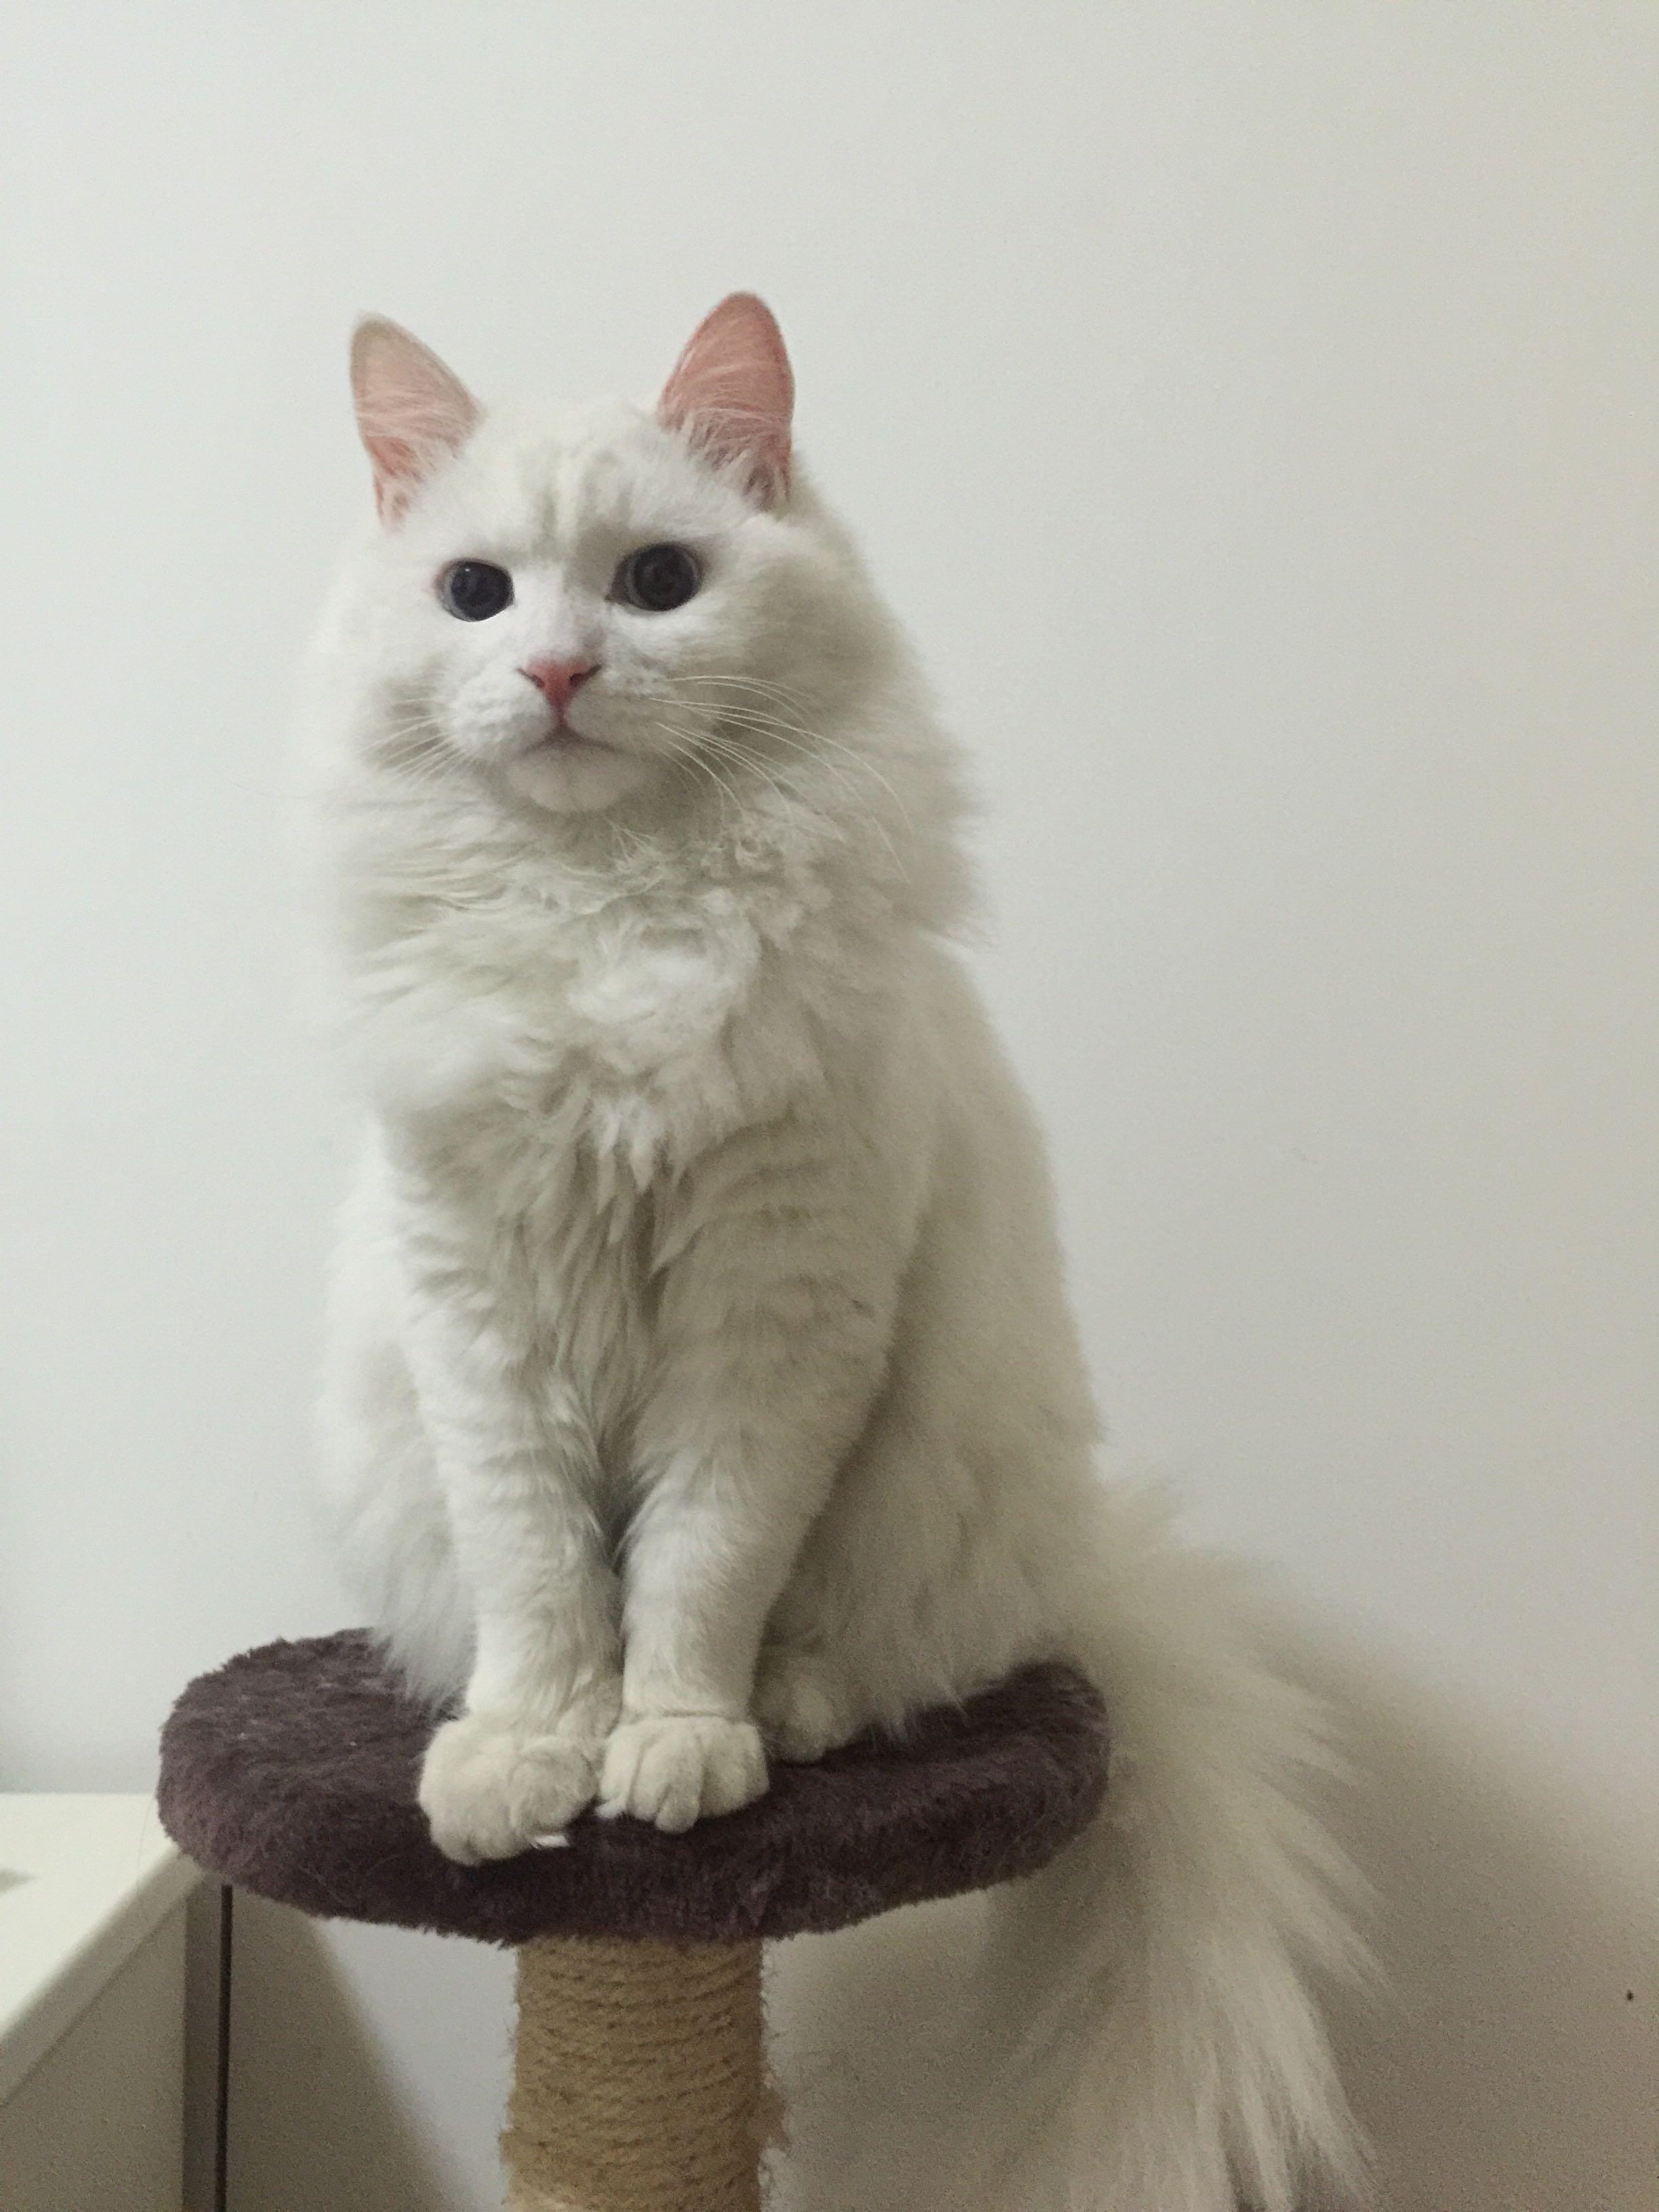 这是山东狮子猫嘛? ?